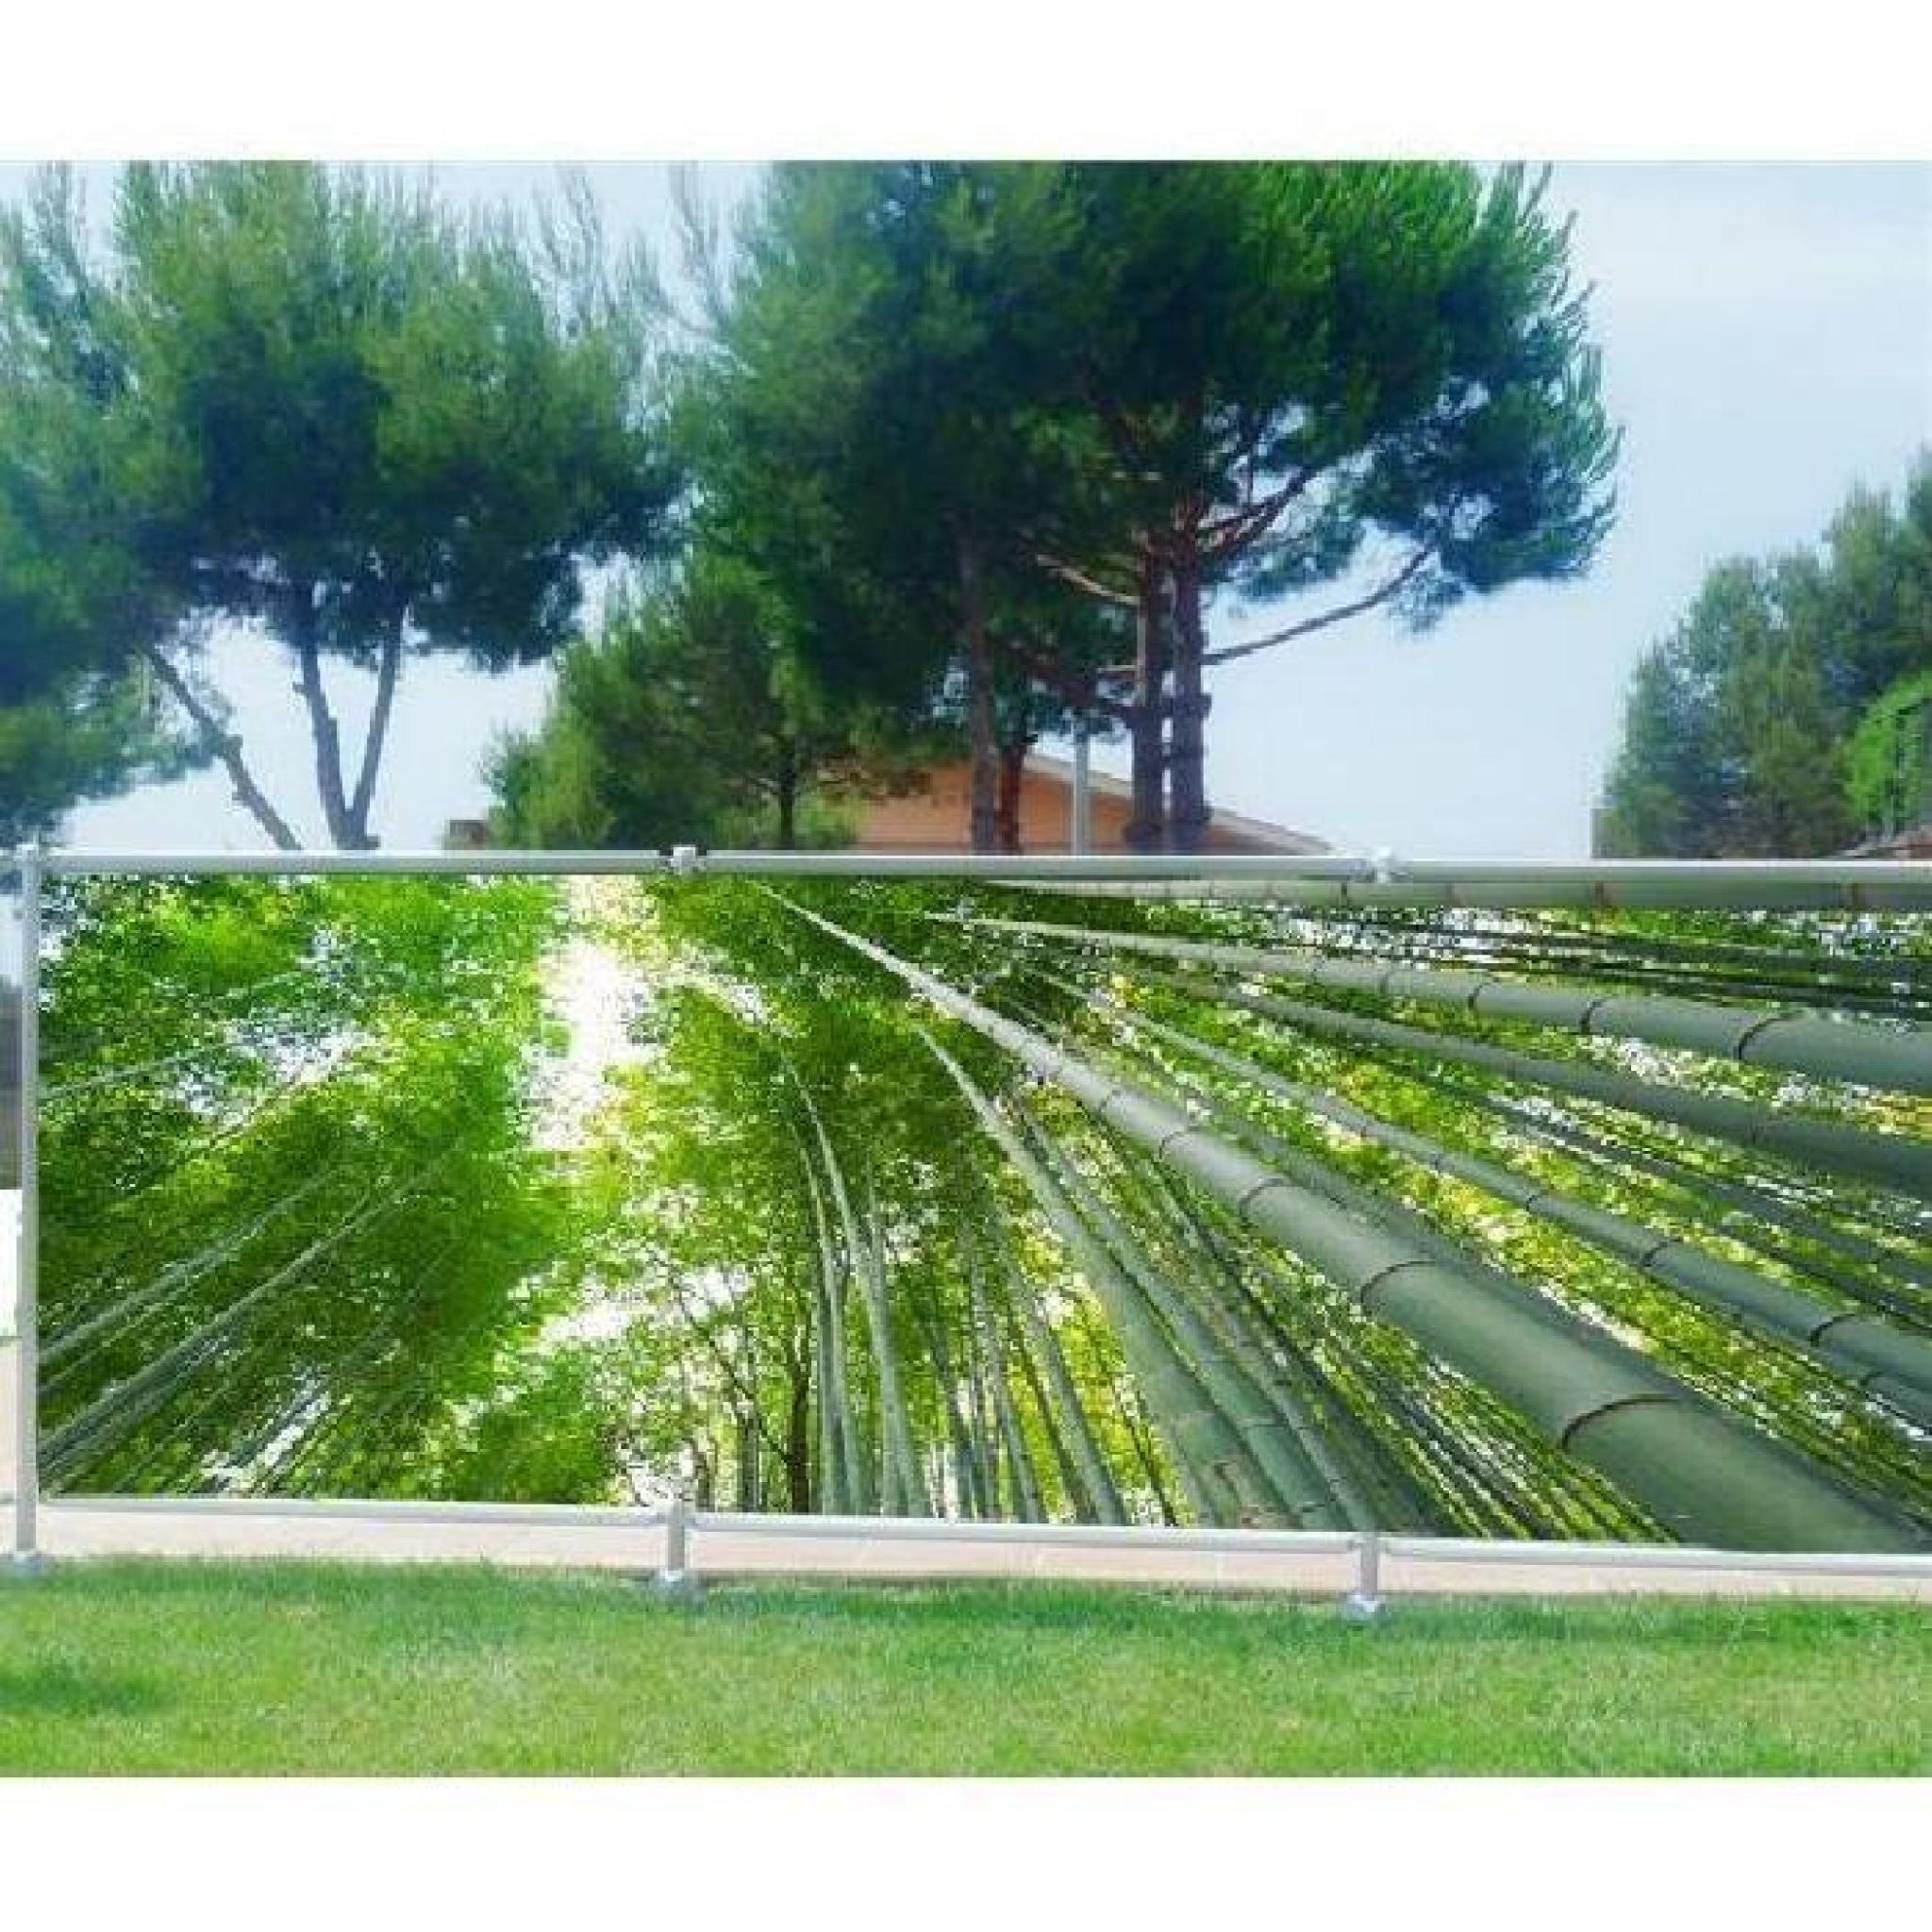 Brise Vue, Jardin, Terrasse, Balcon Déco Bambous Occultation - 80%,  Dimensions - 250X97Cm à Brise Vue Jardin Pas Cher